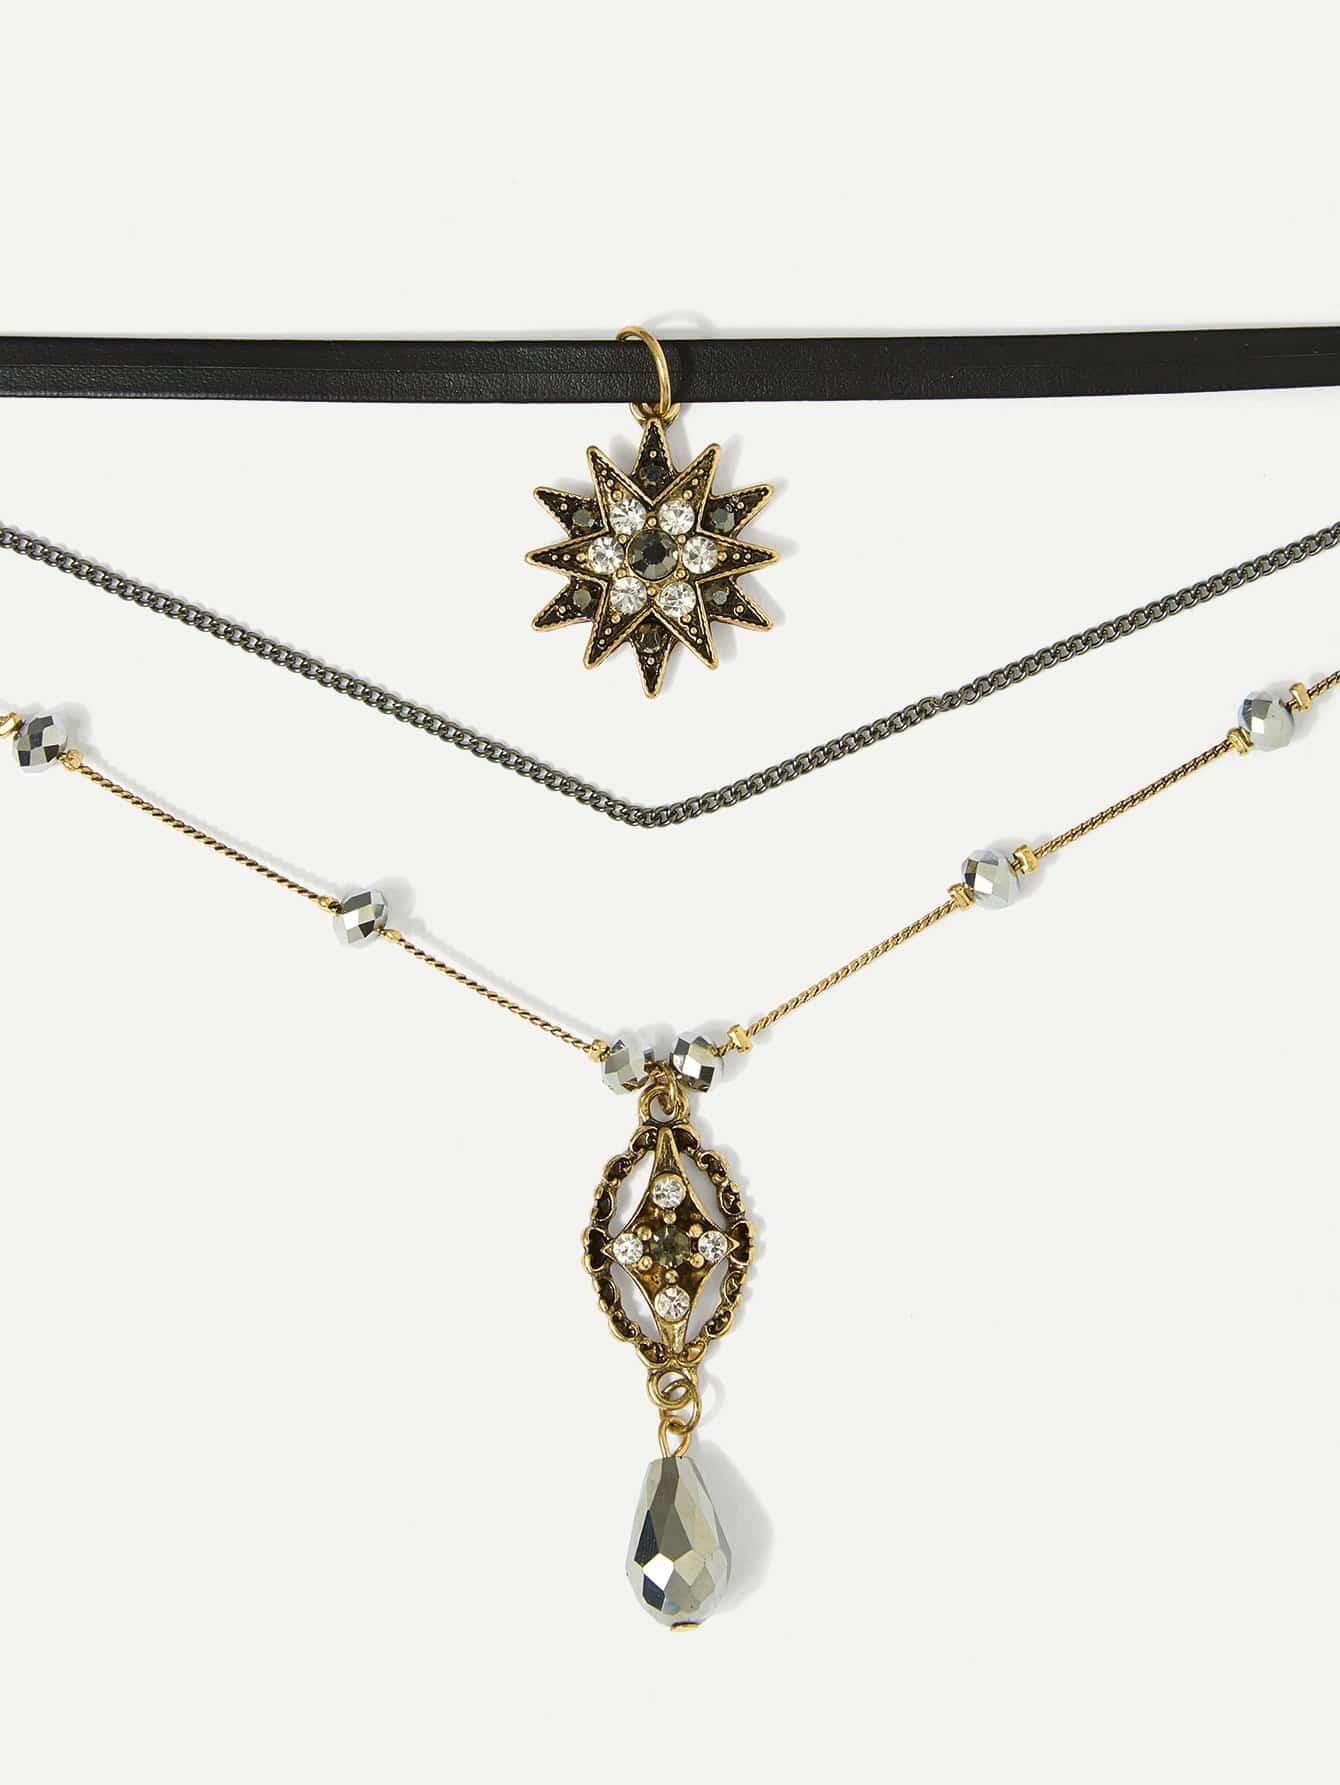 Rhinestone Decorated Pendant Necklace Set 3pcs hollow heart pendant necklace set 3pcs